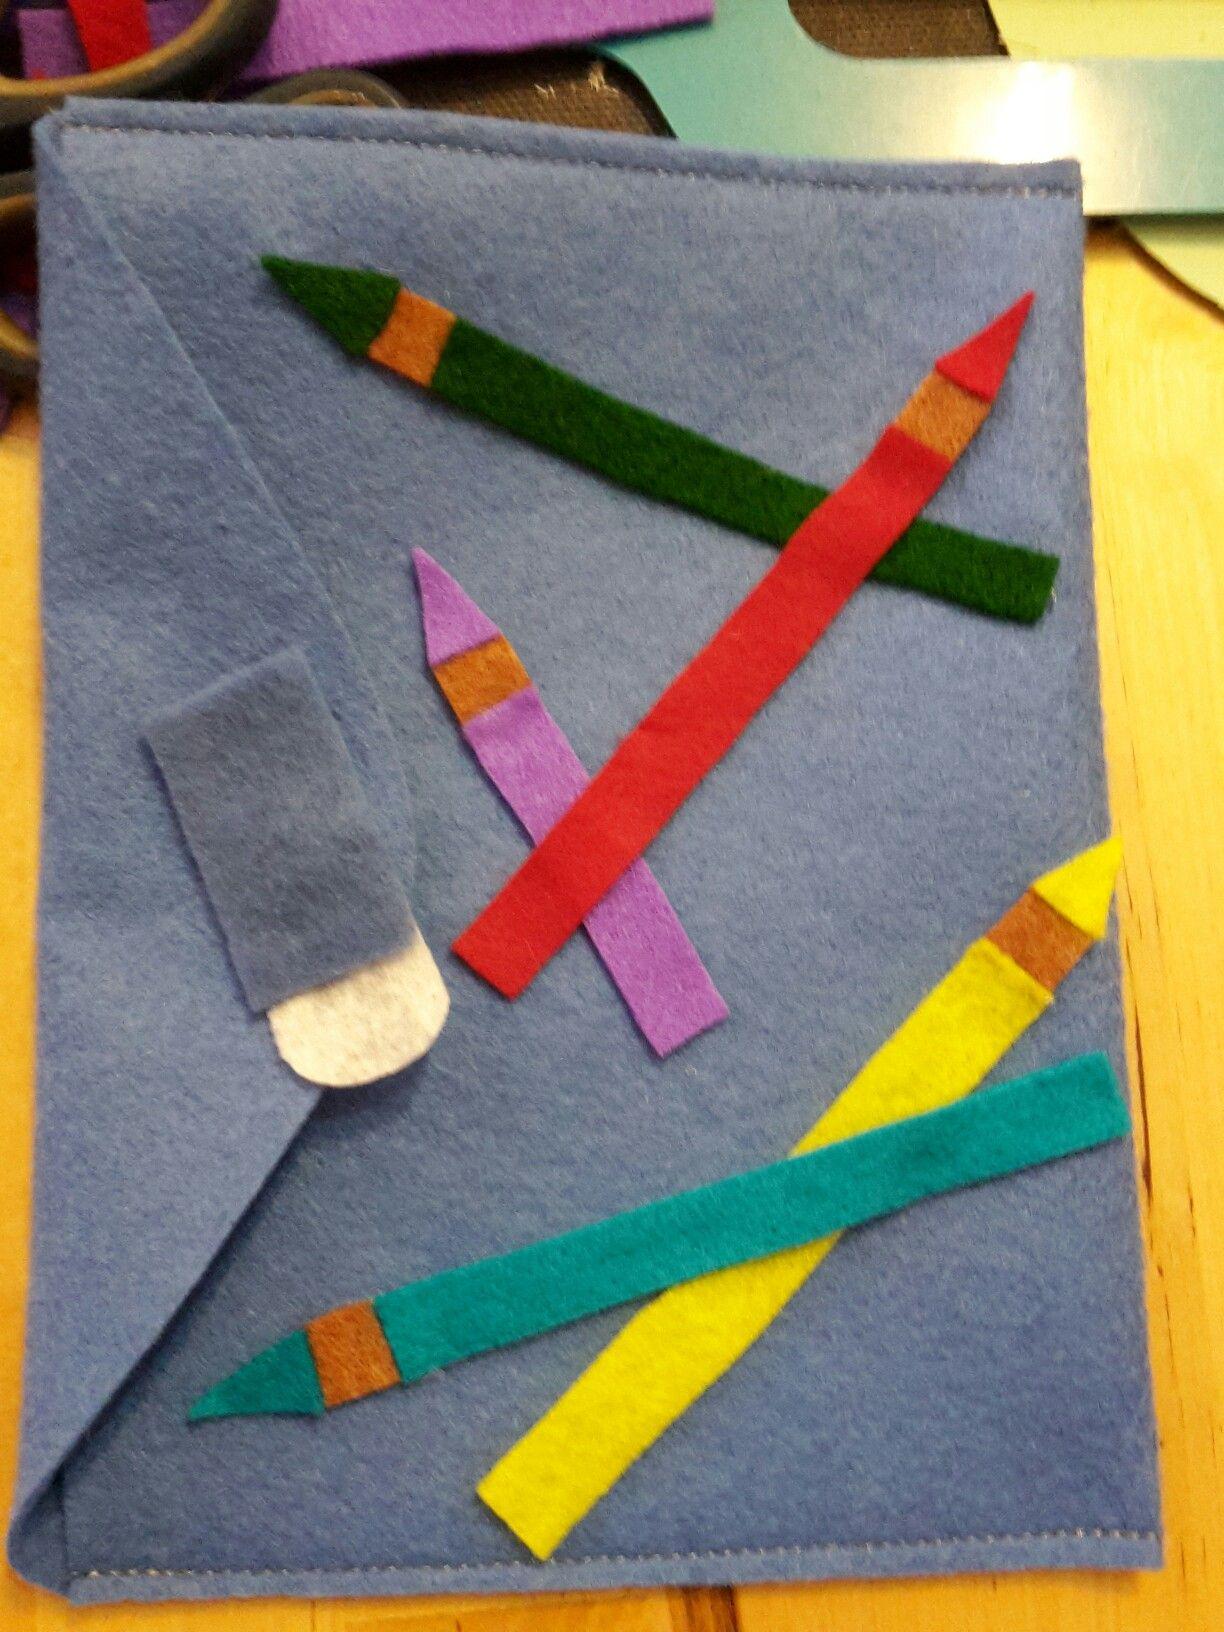 Busta porta libretto scolastico | linda | Pinterest